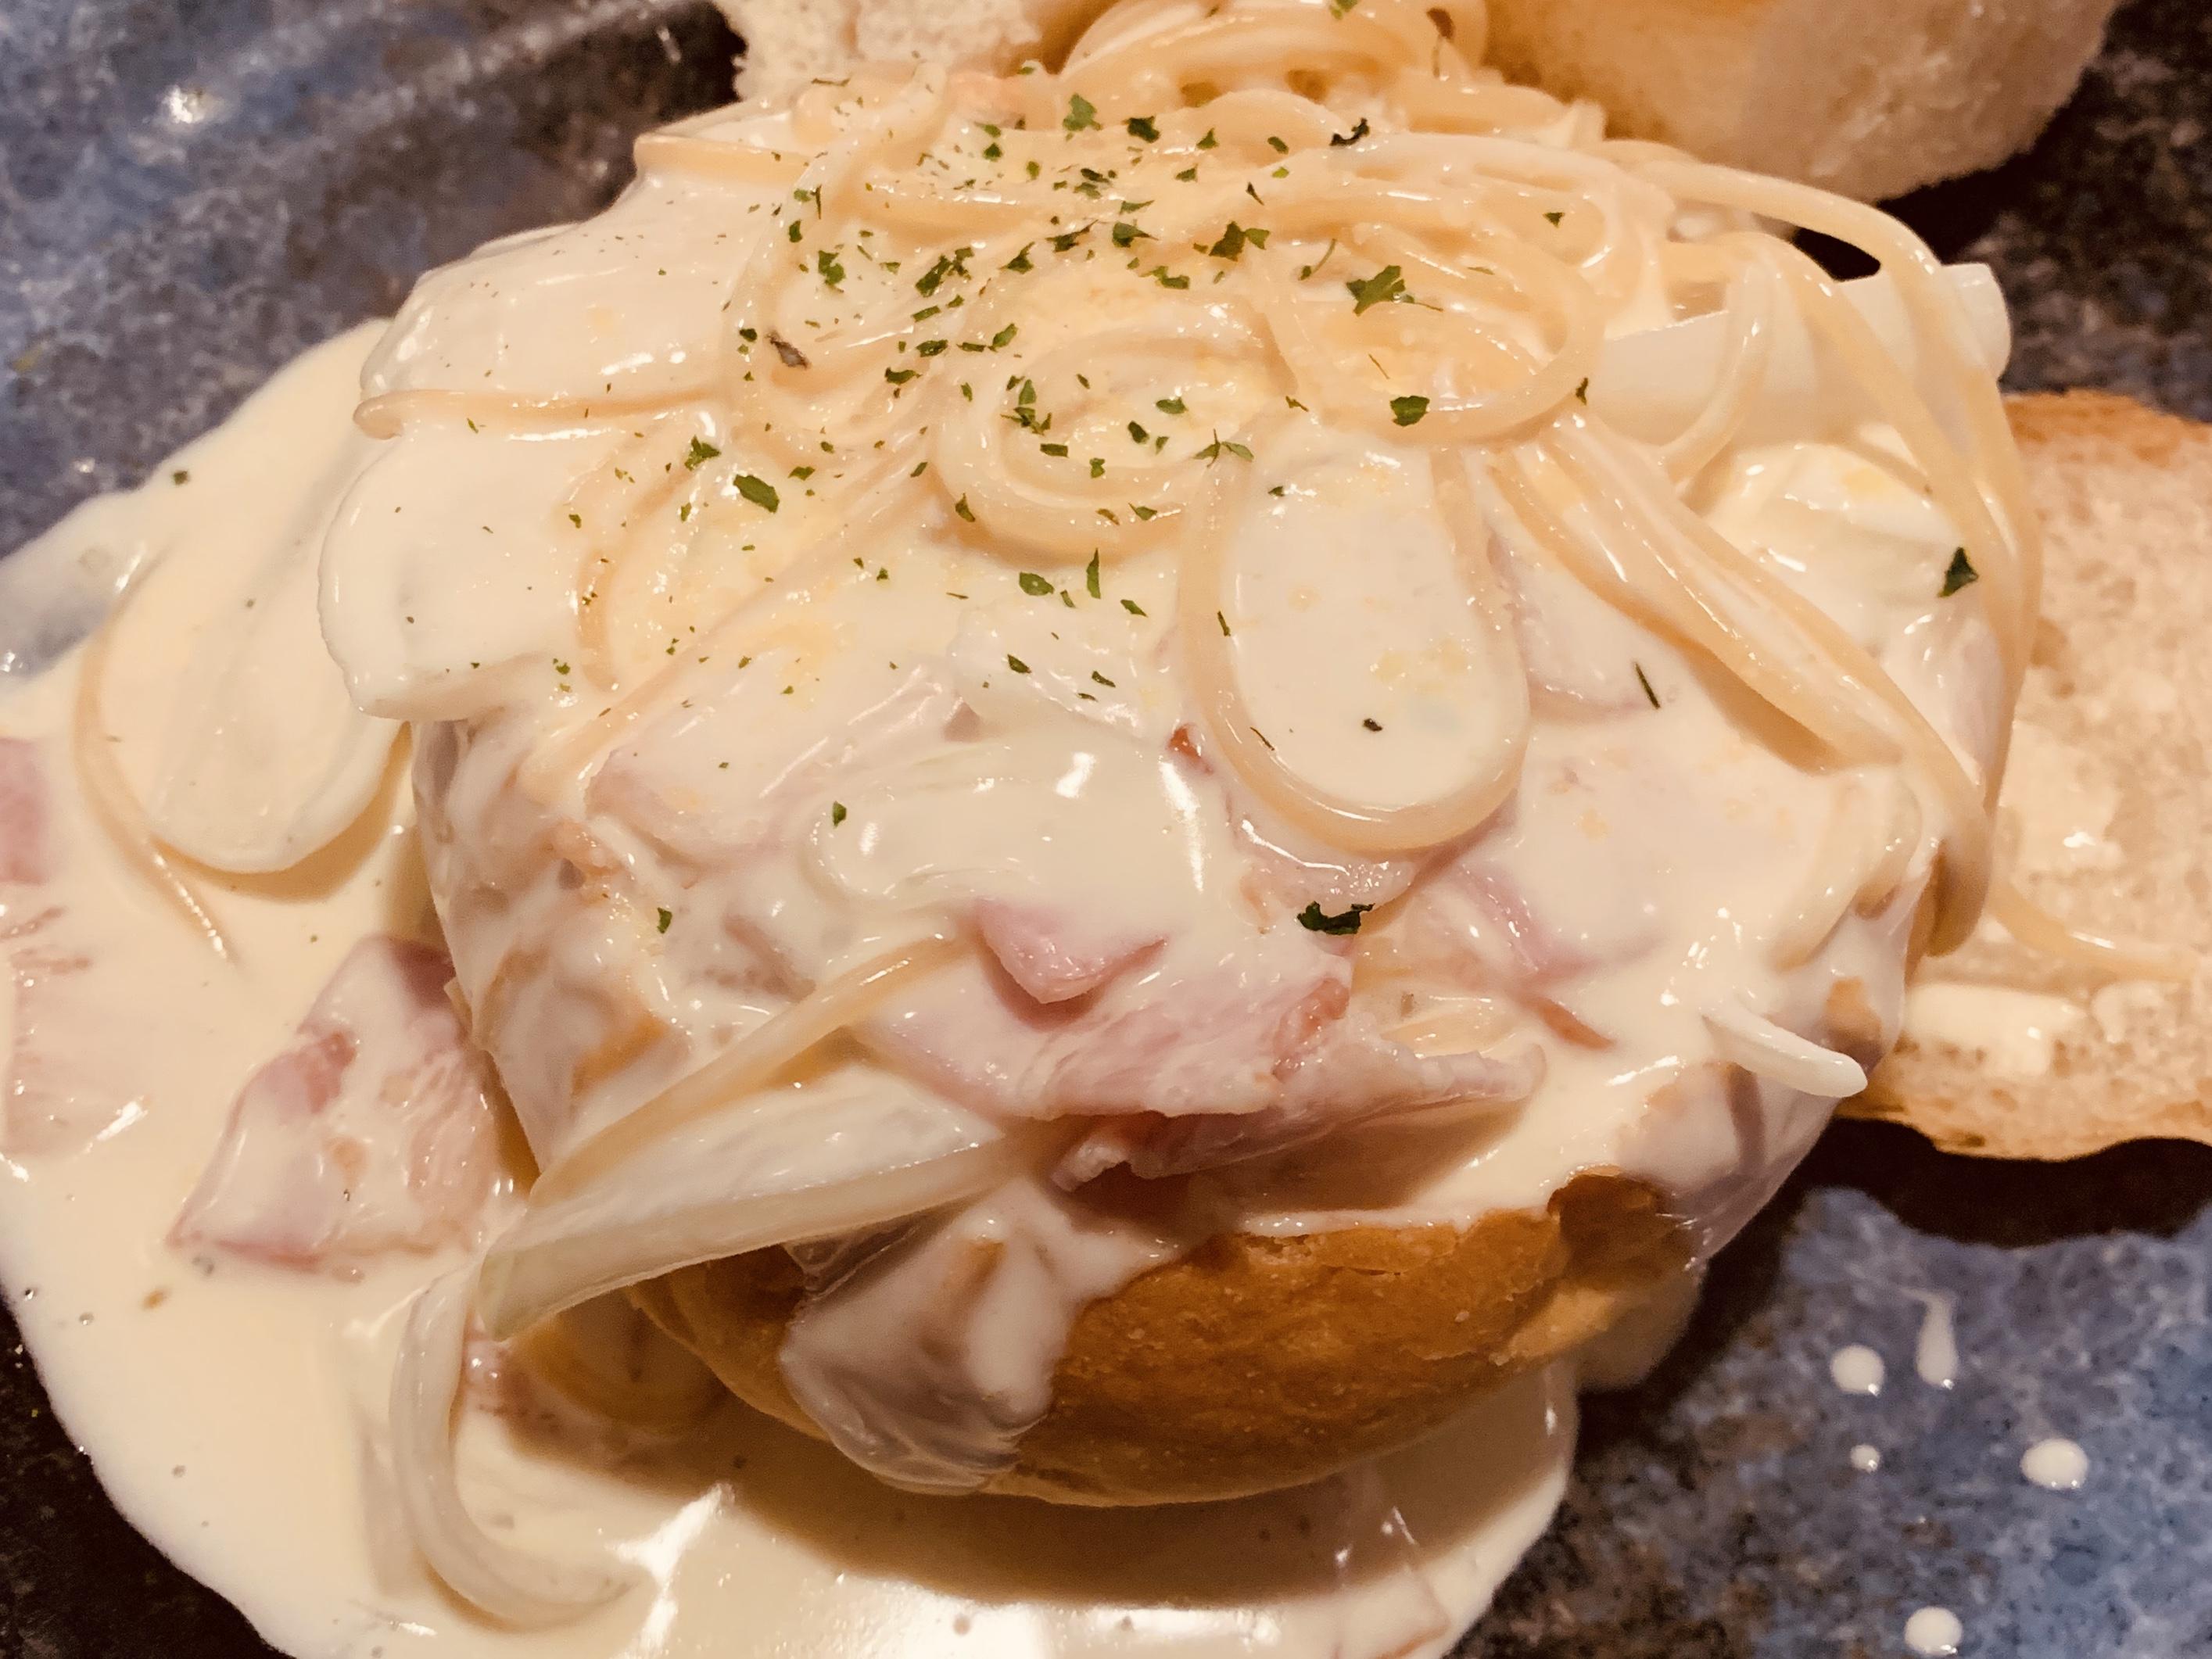 ホンデおすすめご飯旅 ⑥、人気のタピオカドリンク店タイガーシュガーに行ってみた!